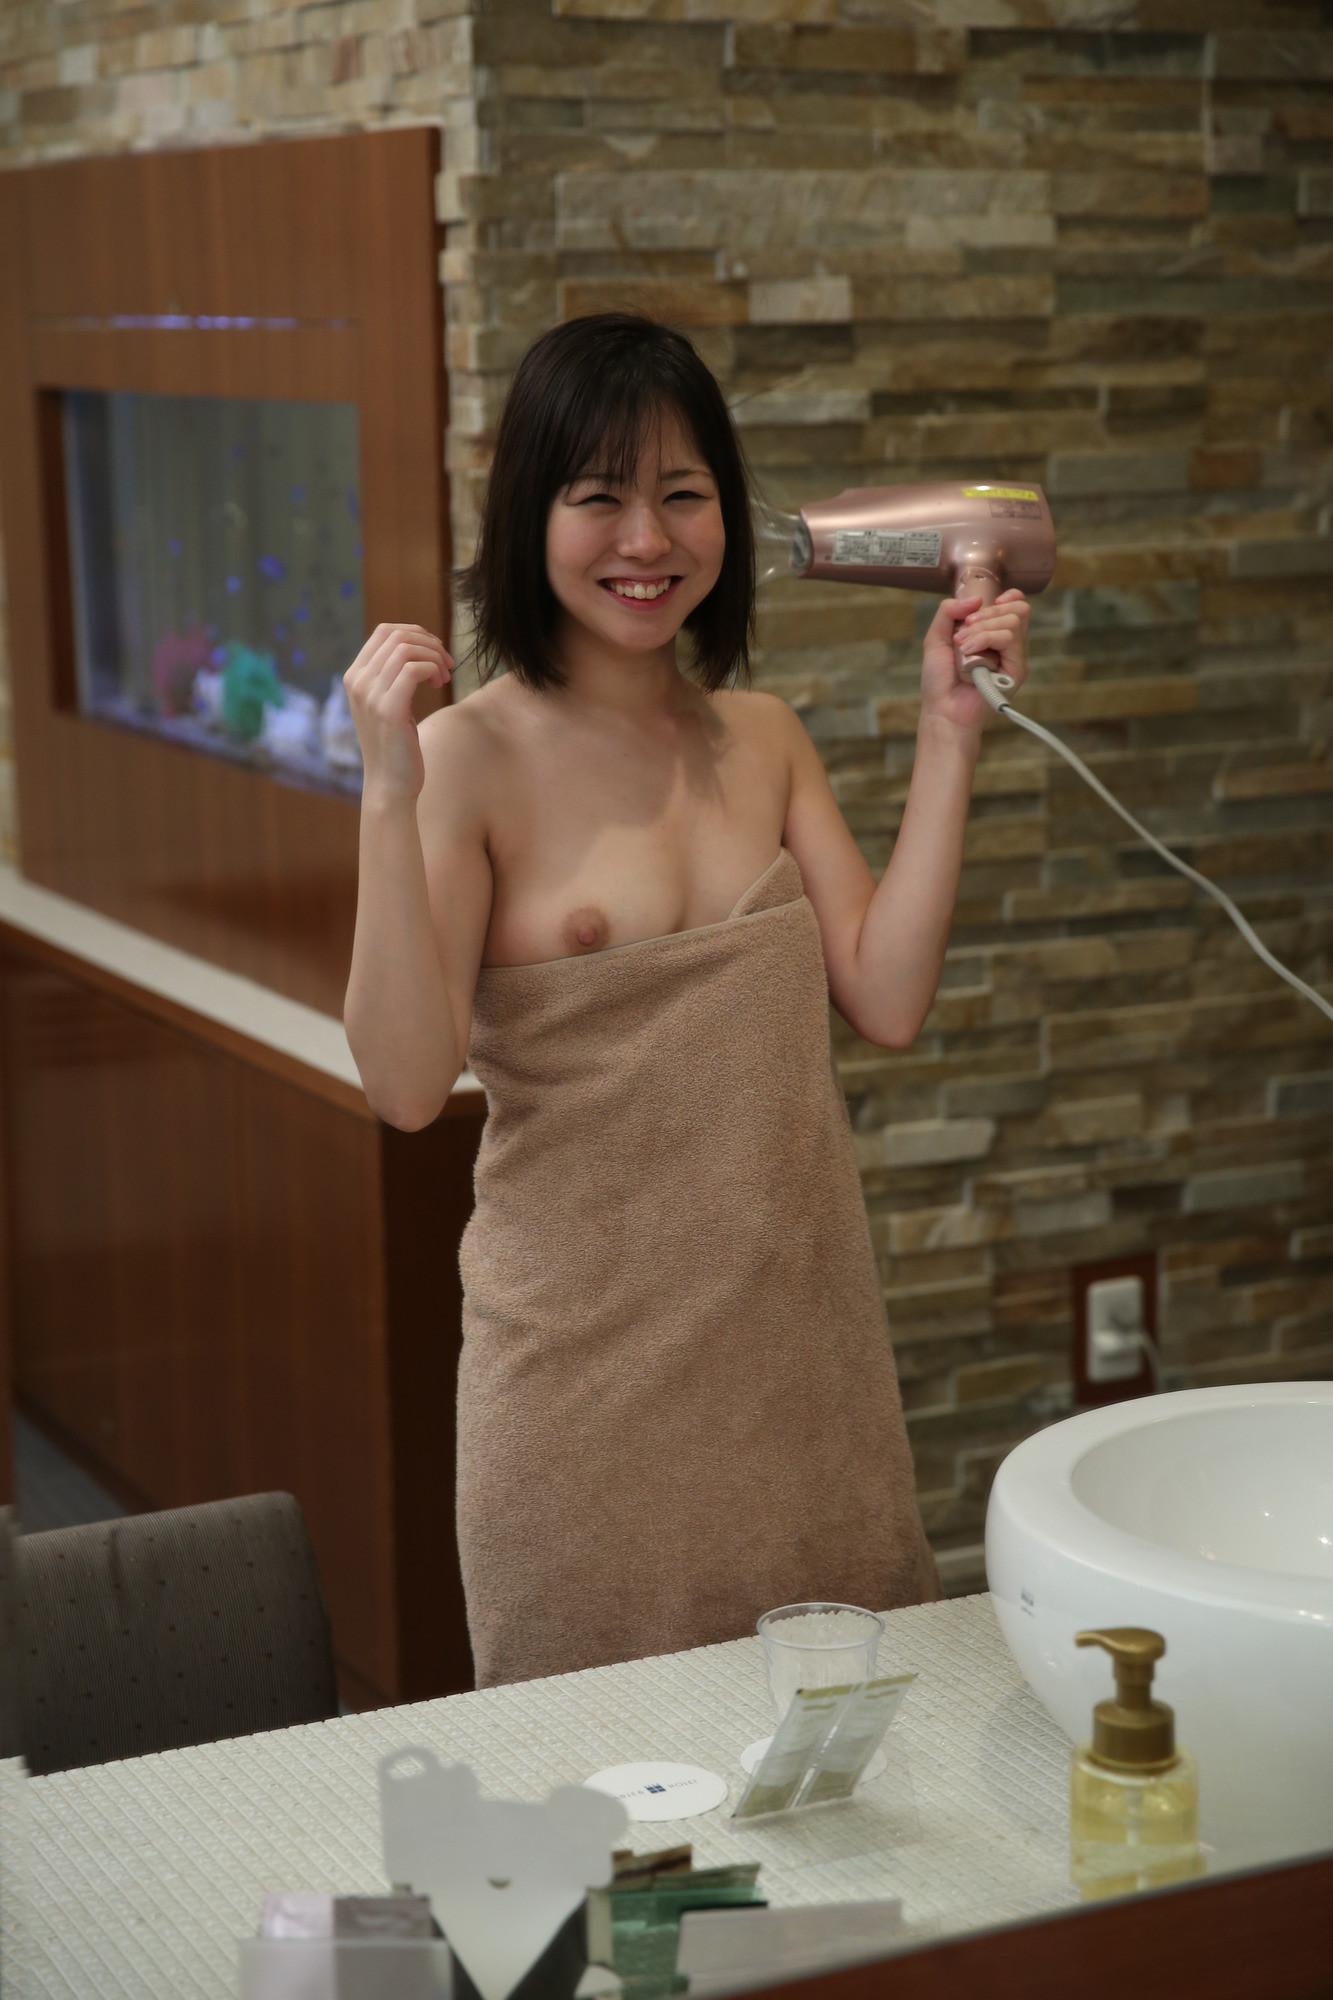 木曜日に出会った素人ちゃん 4 【顔出しセフレ・スレンダー・ハメ撮り・美乳・新卒OL】